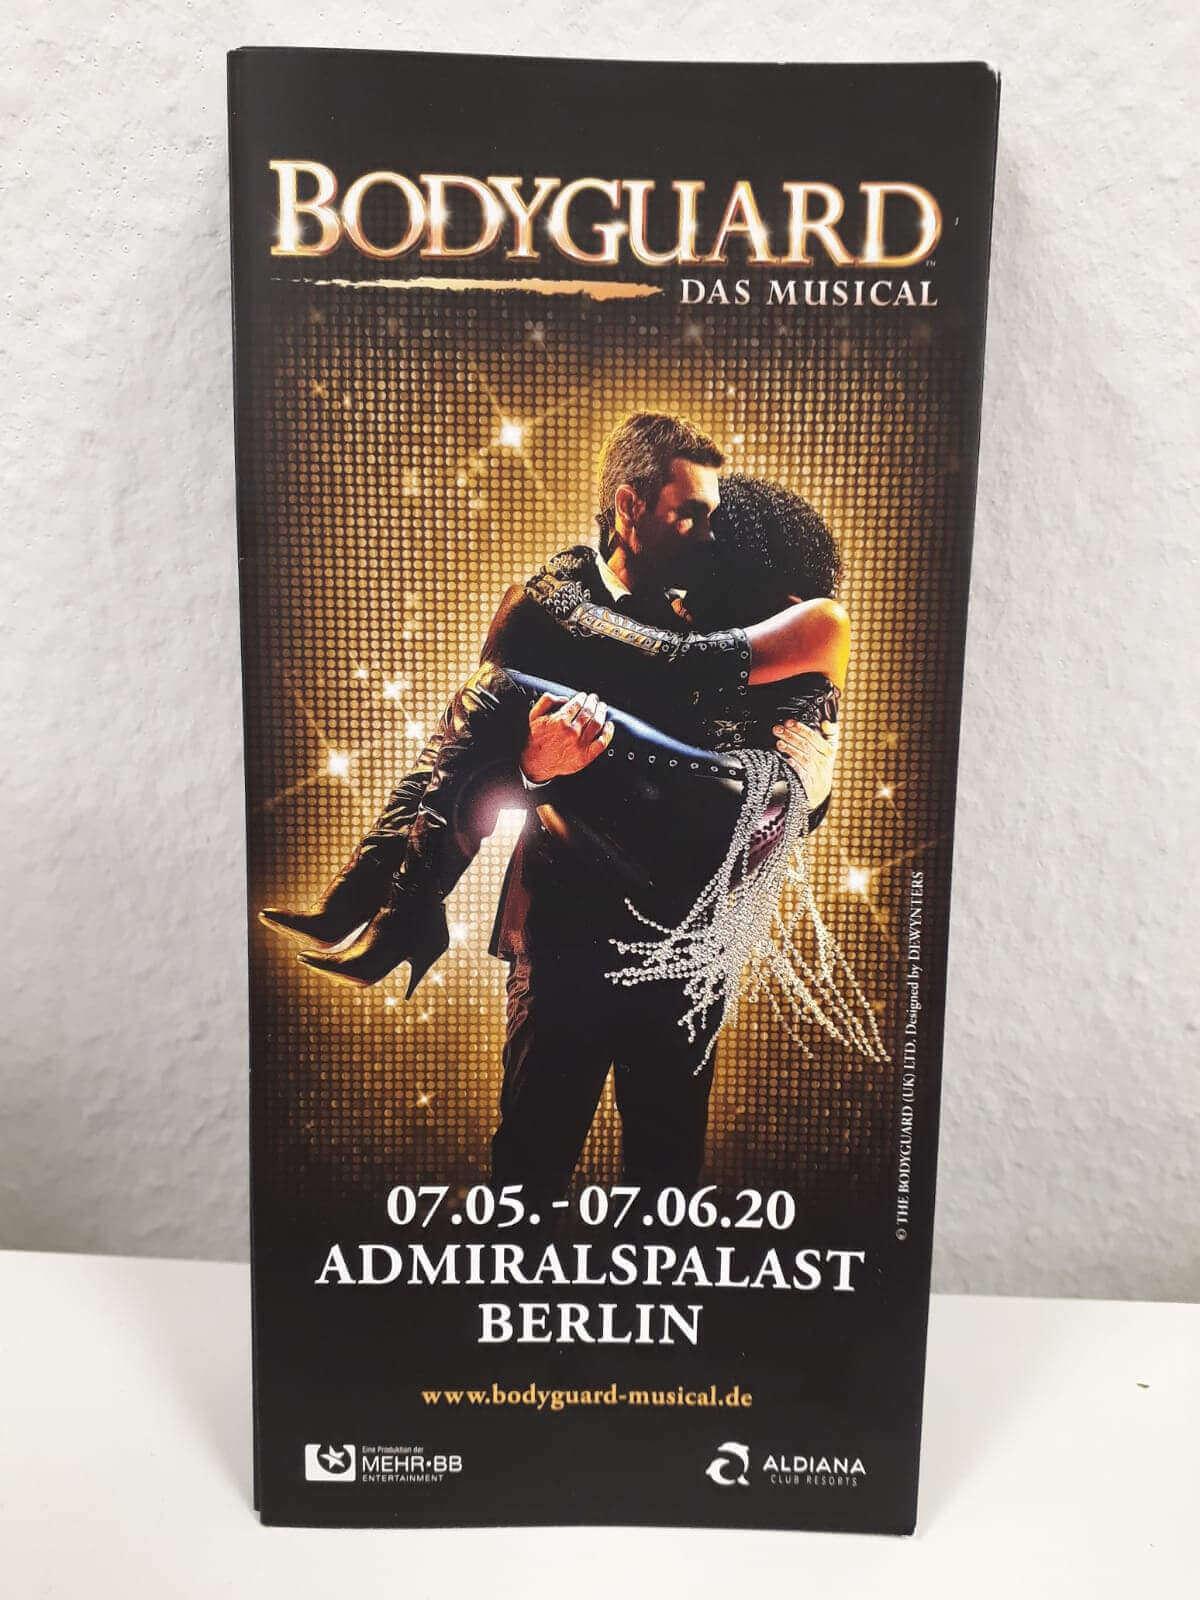 Bodyguard Musikal Flyer in Berlin